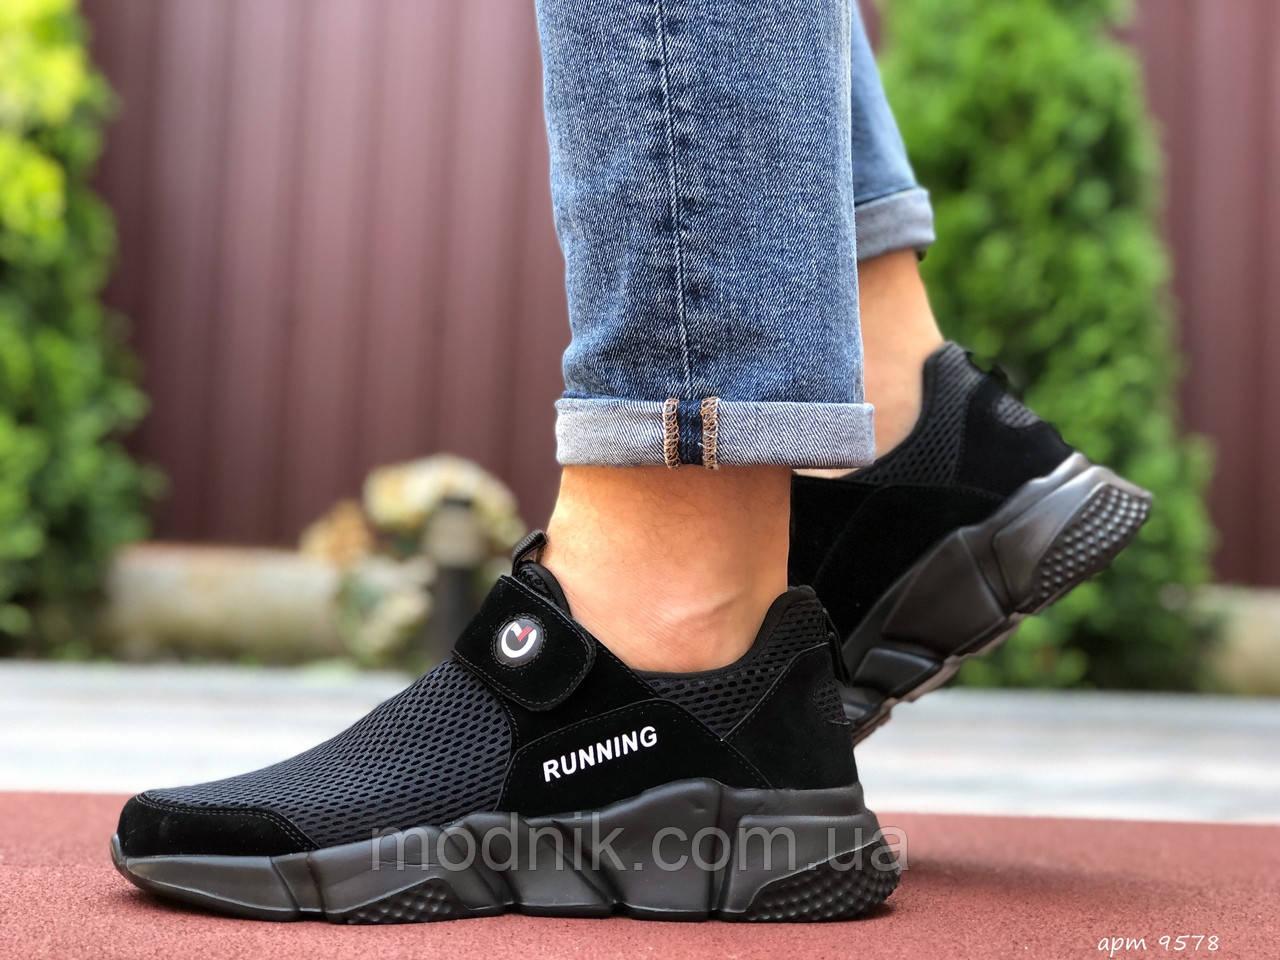 Мужские кроссовки Running (черные) 9578